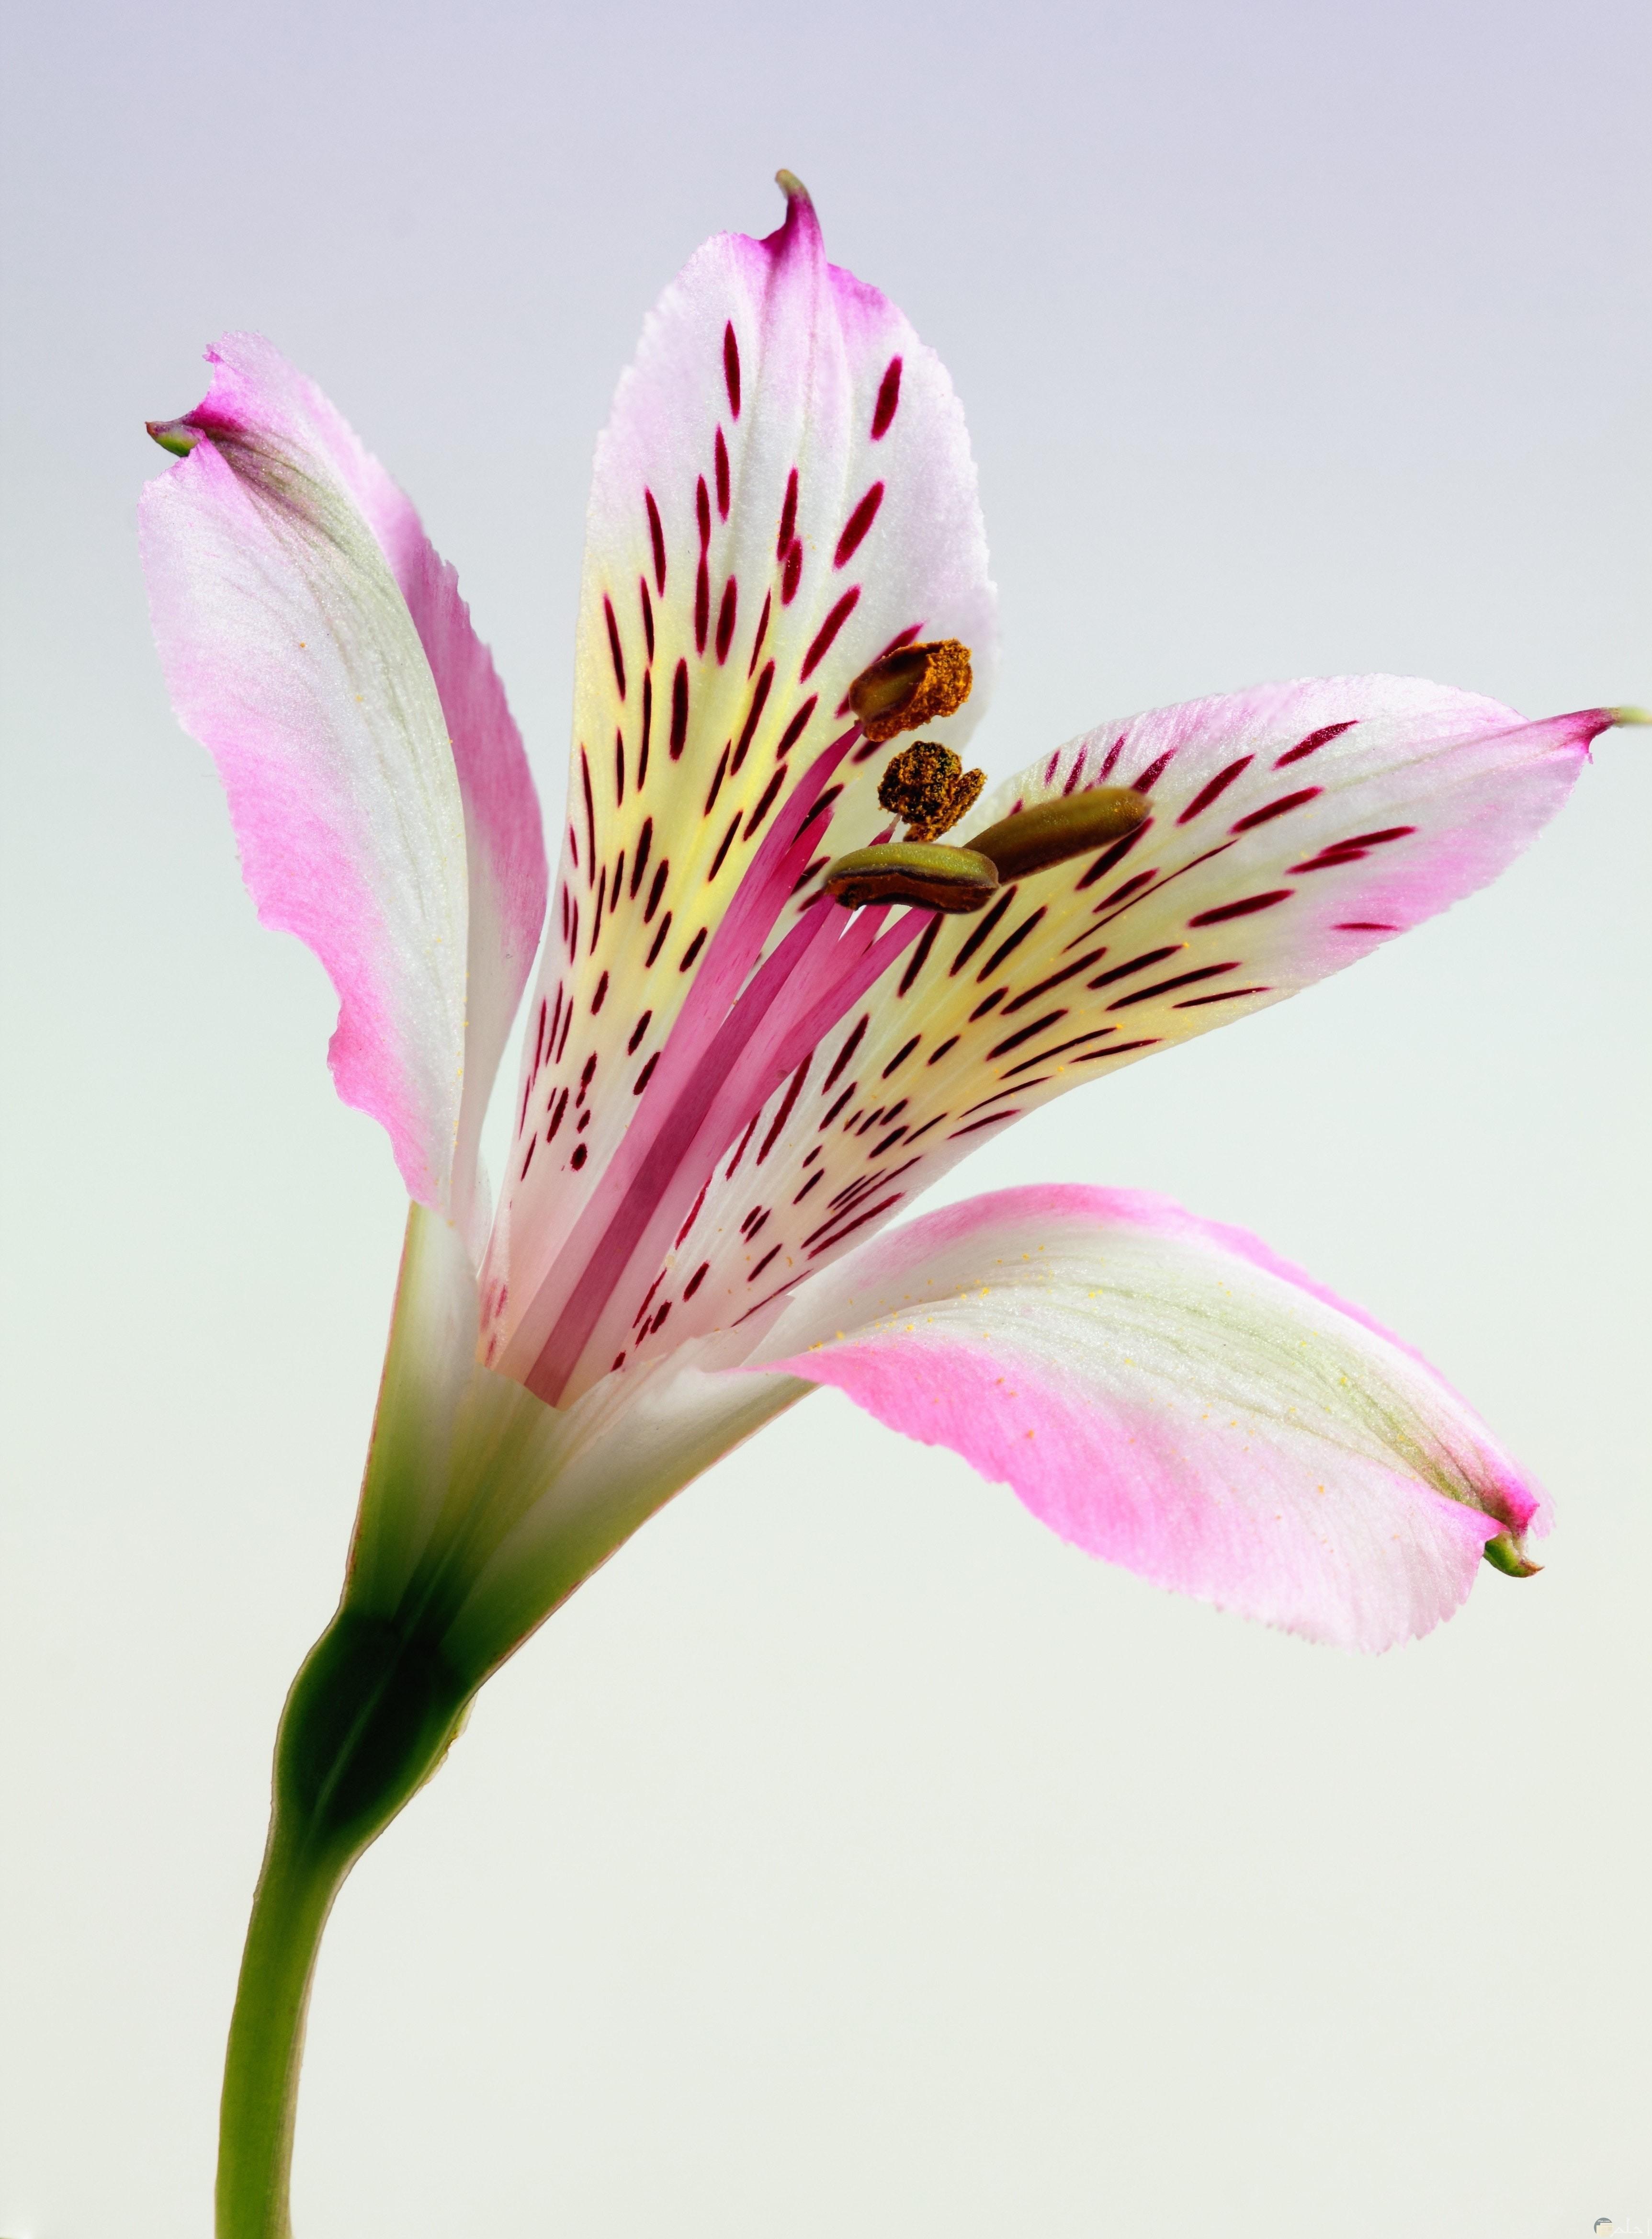 وردة اللوتس الجميلة بألوان متداخلة